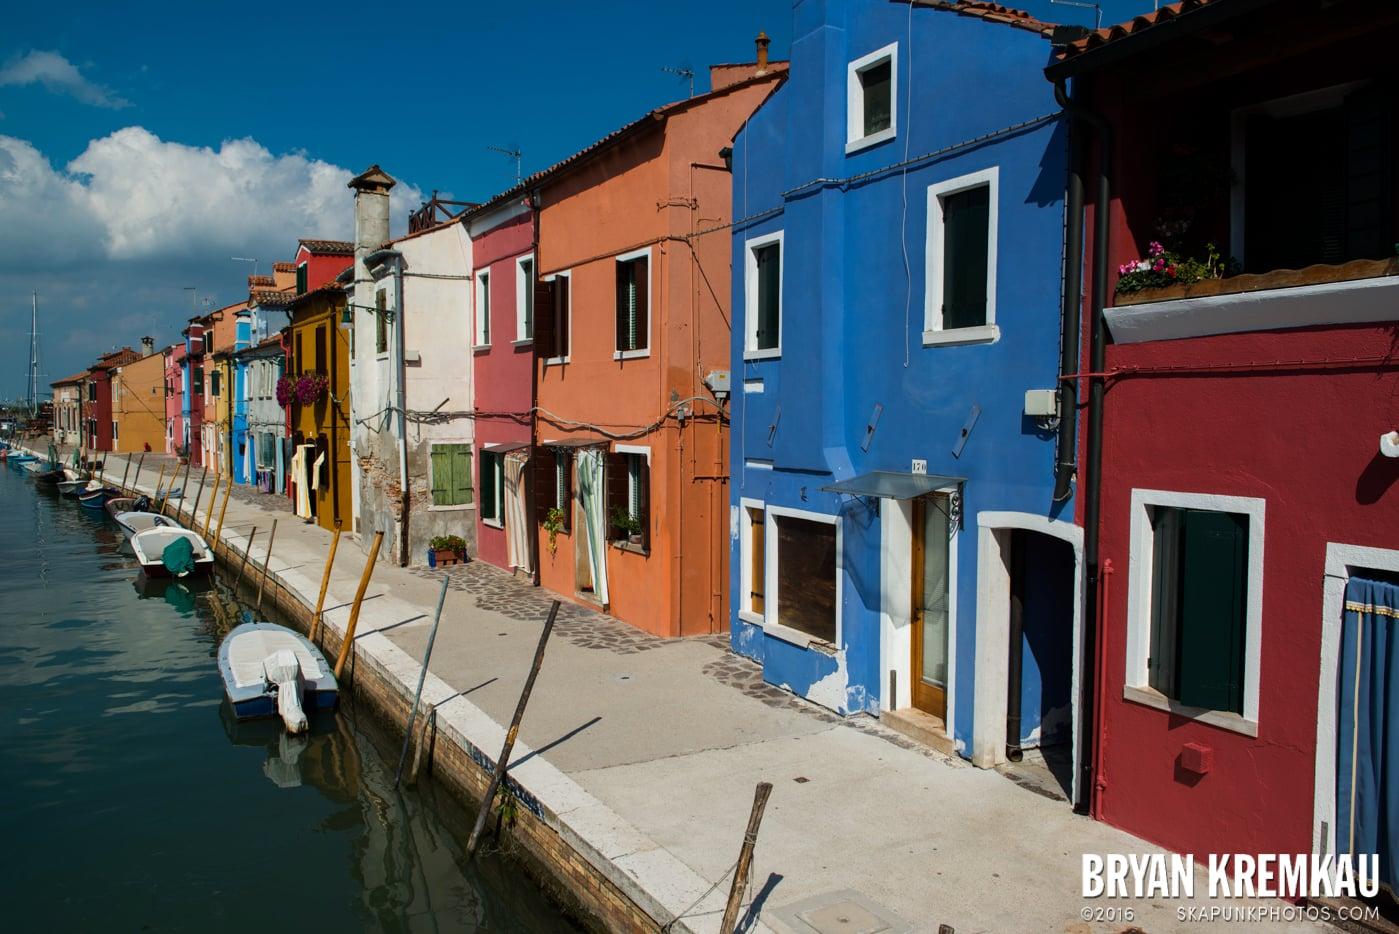 Italy Vacation - Day 6: Murano, Burano, Venice - 9.14.13 (45)